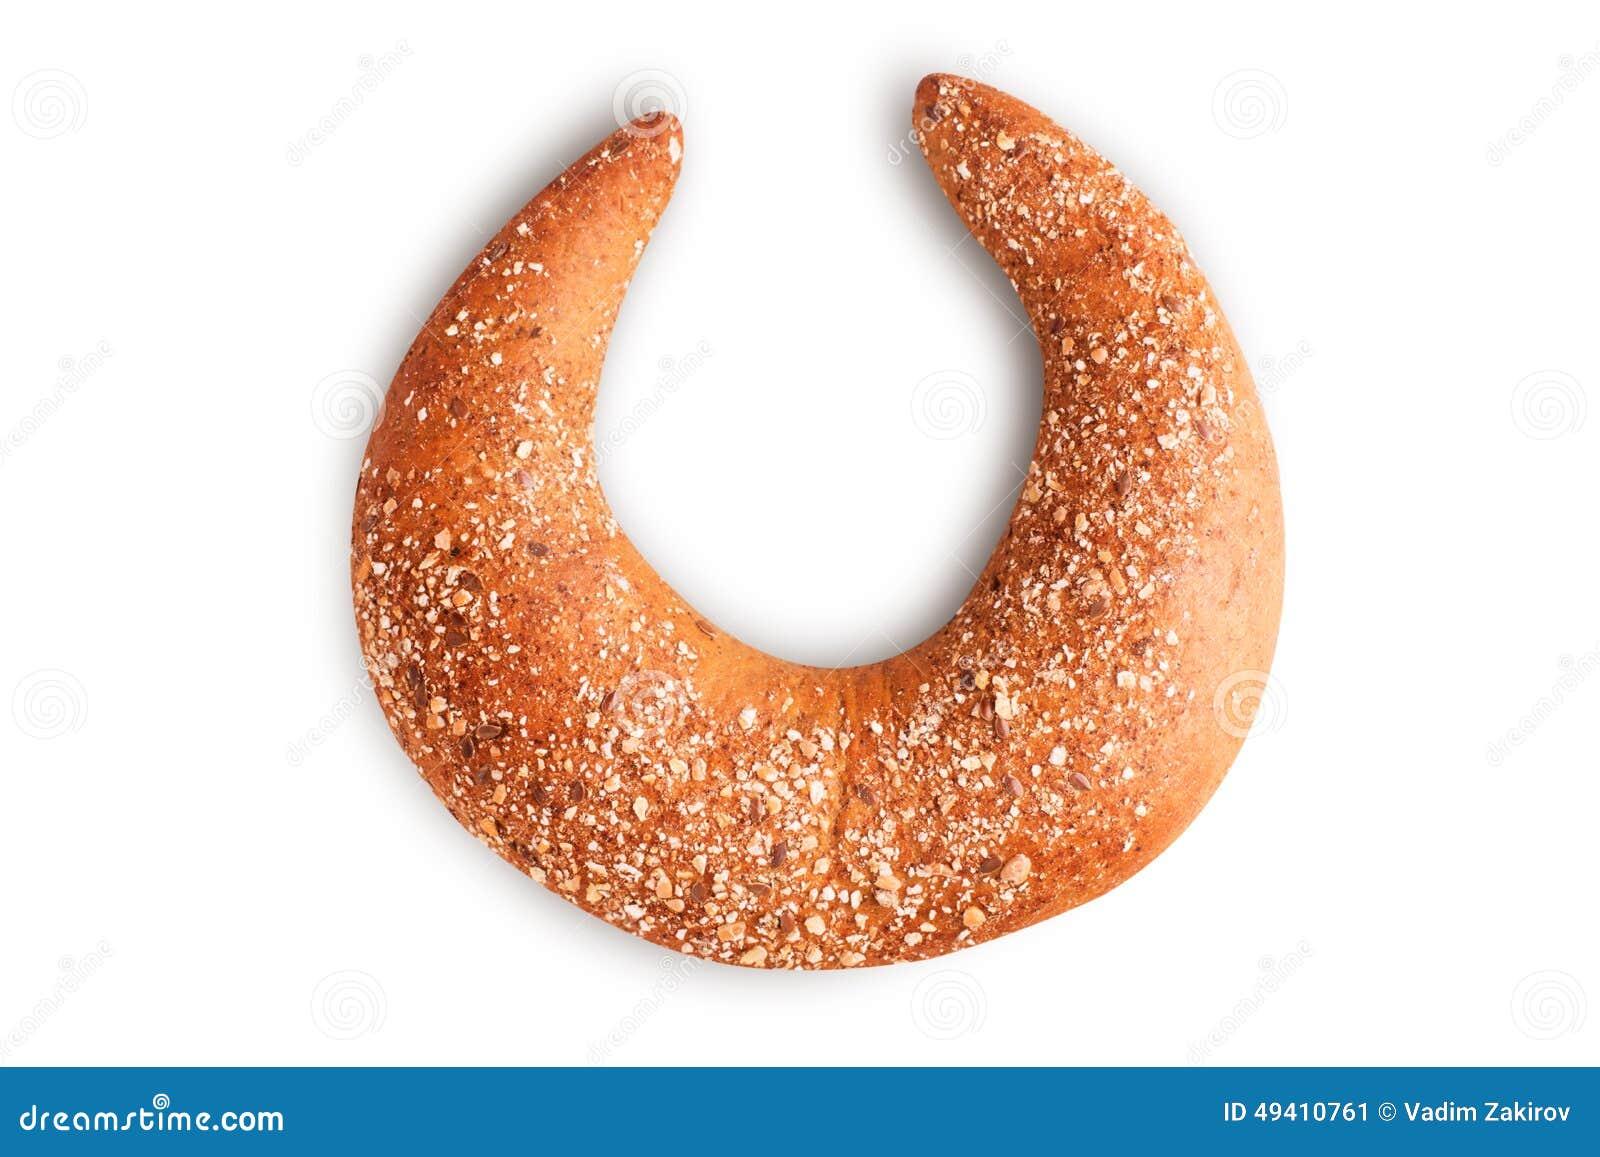 Download Getreidebagel stockbild. Bild von kauen, einzeln, gestiegen - 49410761